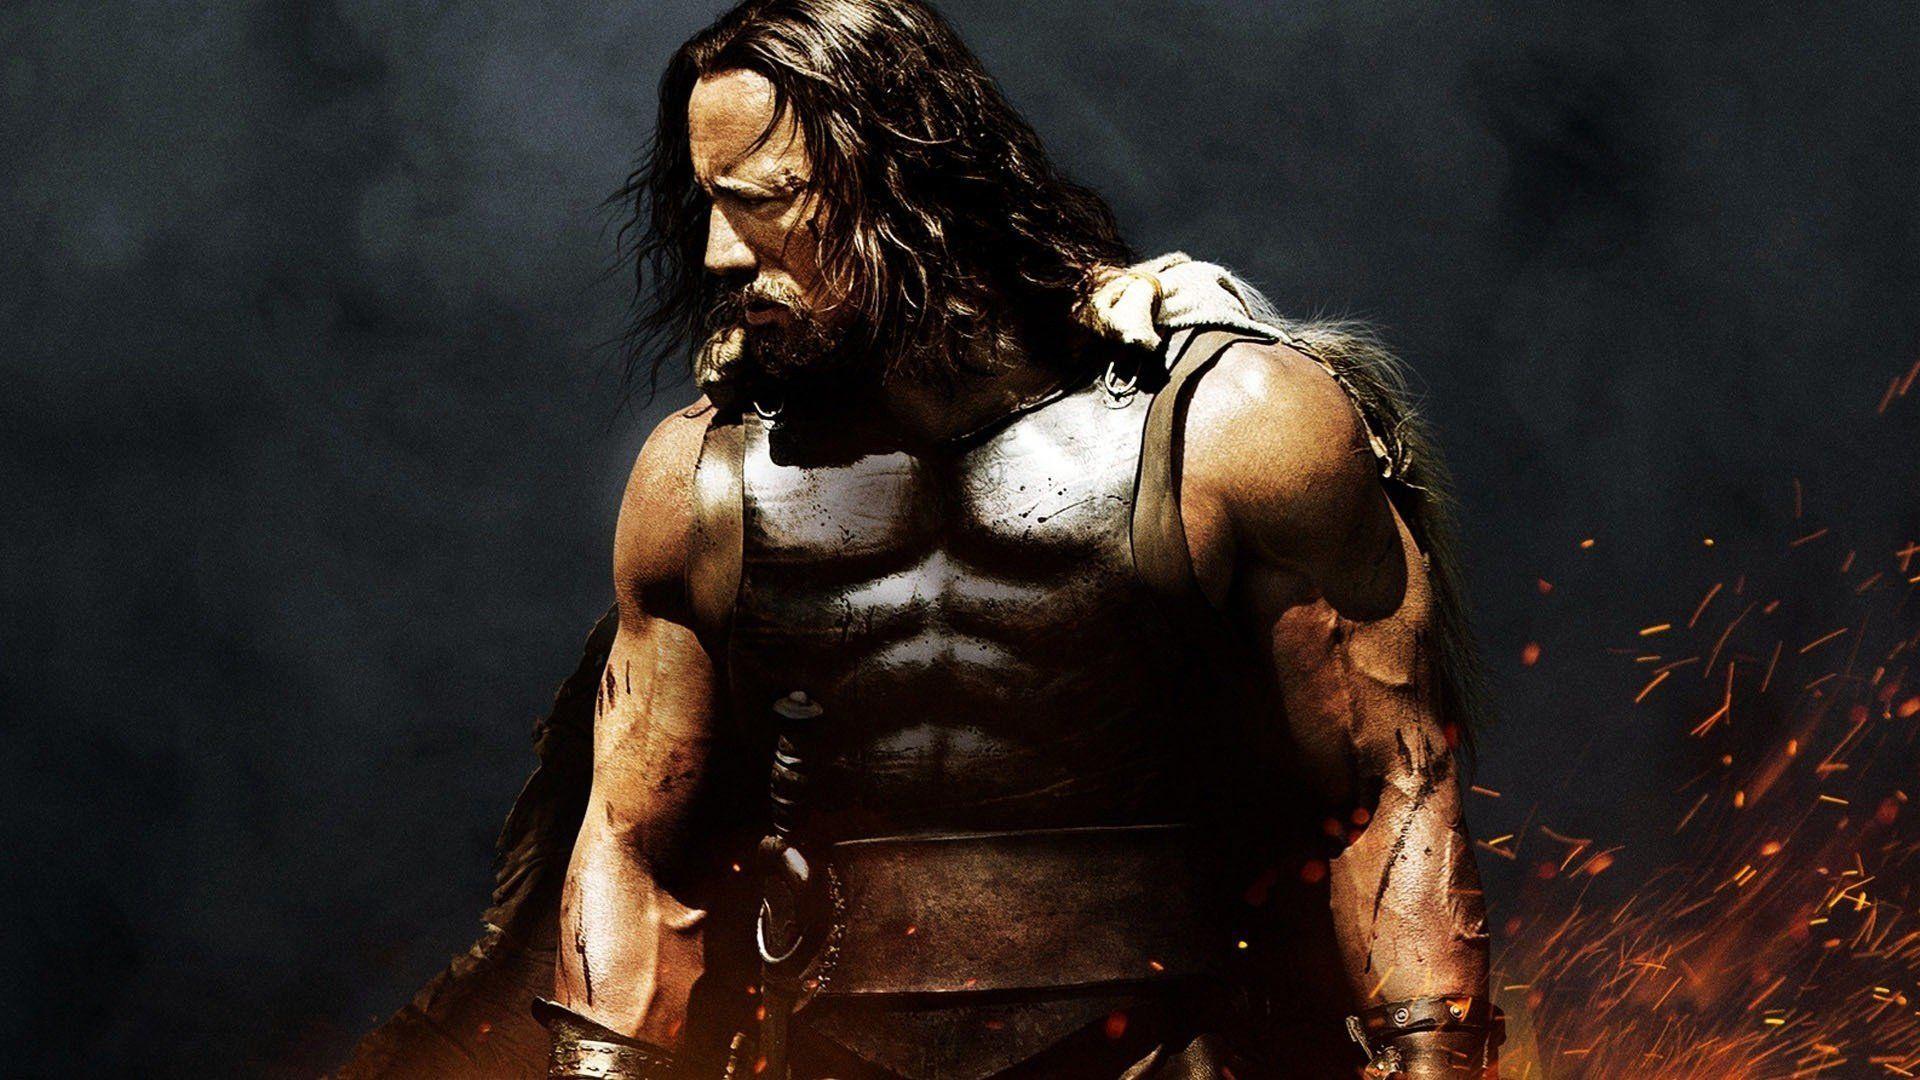 Hercules 2014 wallpaper – wallpaper free download